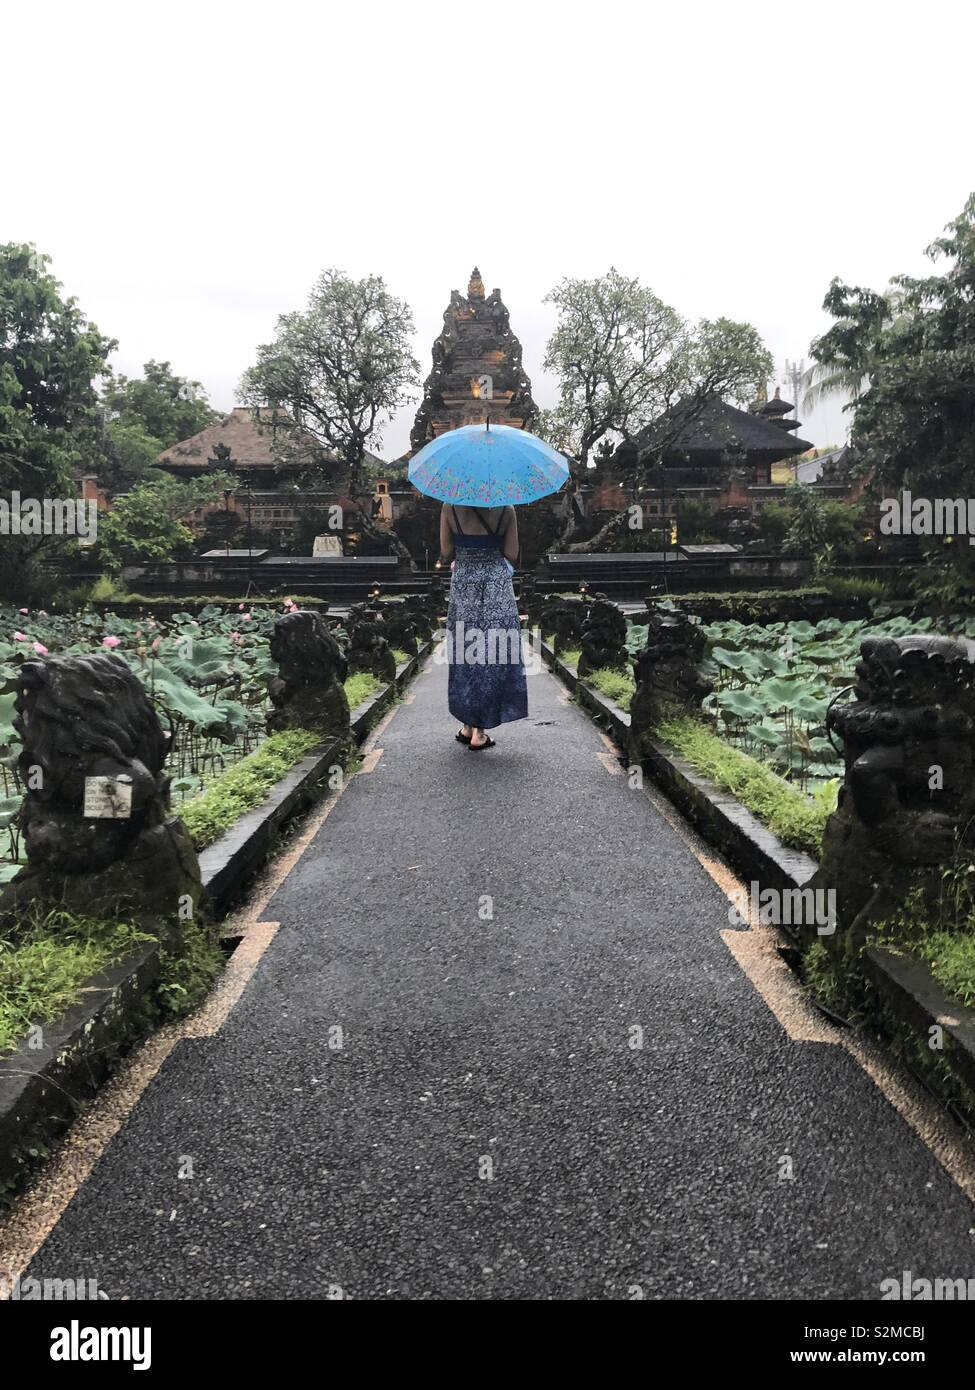 Rainy day In ubud - Stock Image